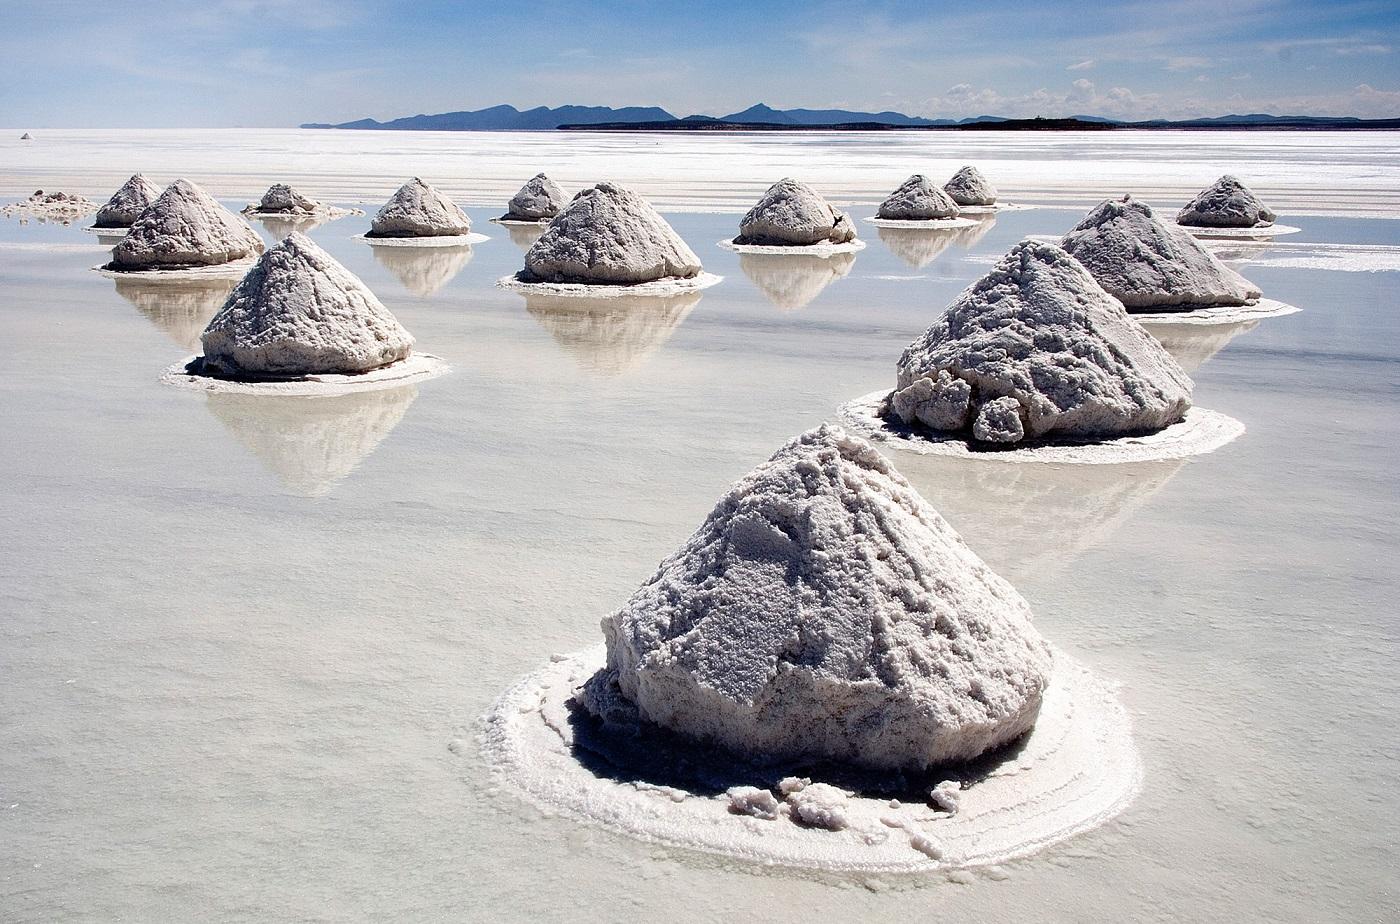 Insuliţele de sare întregesc peisajul